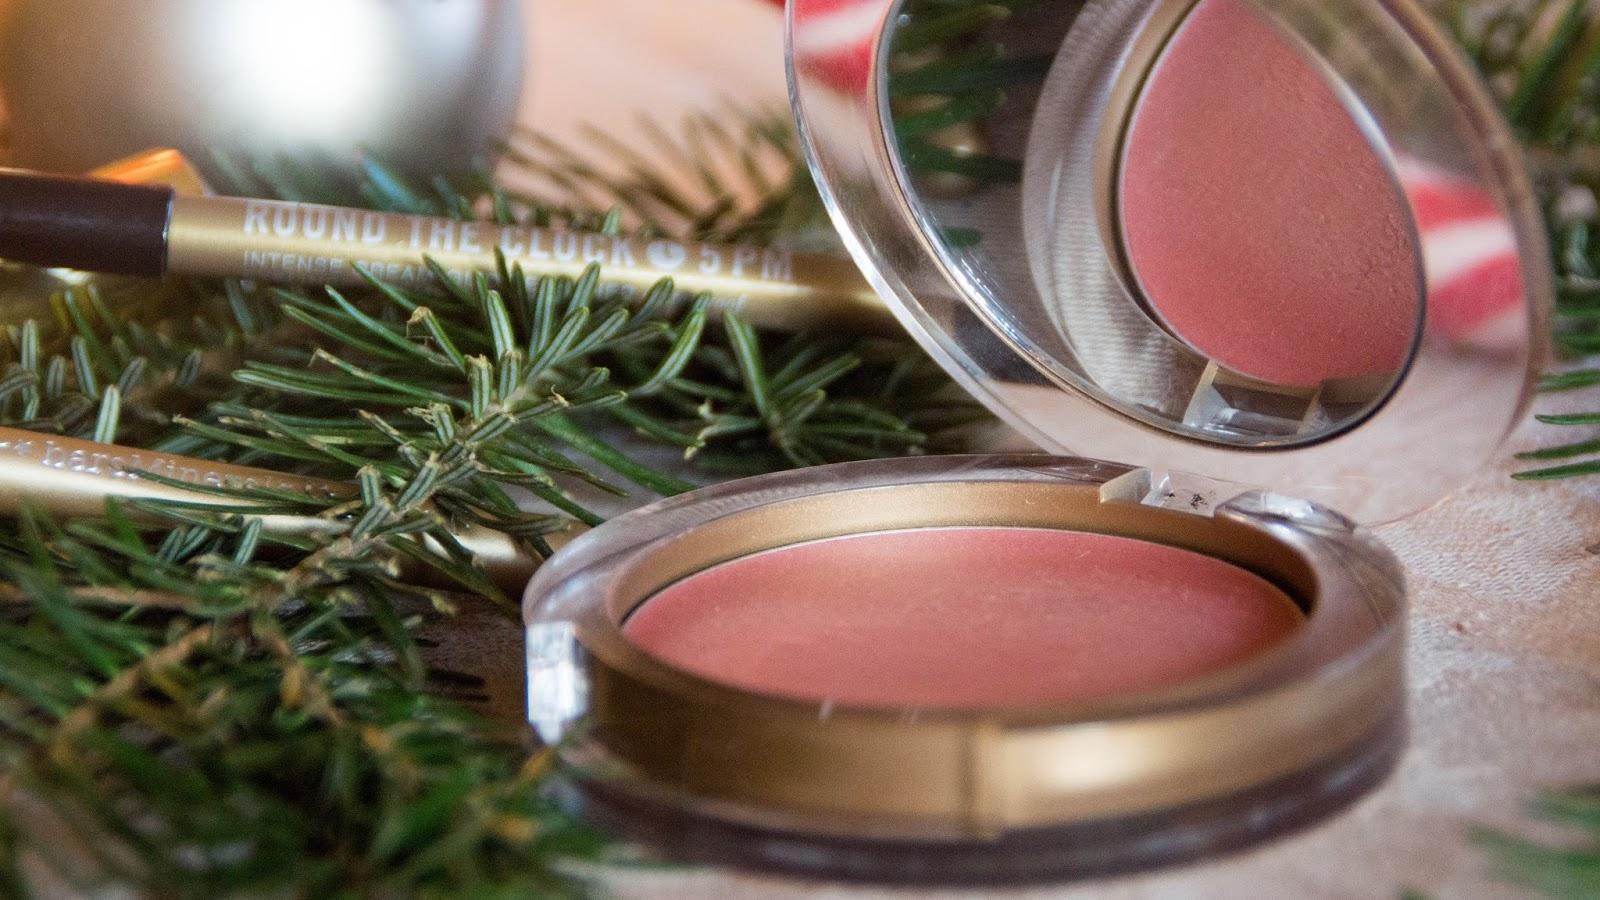 Mon avis sur Bareminerals, mon maquillage pour les fêtes de Noël !